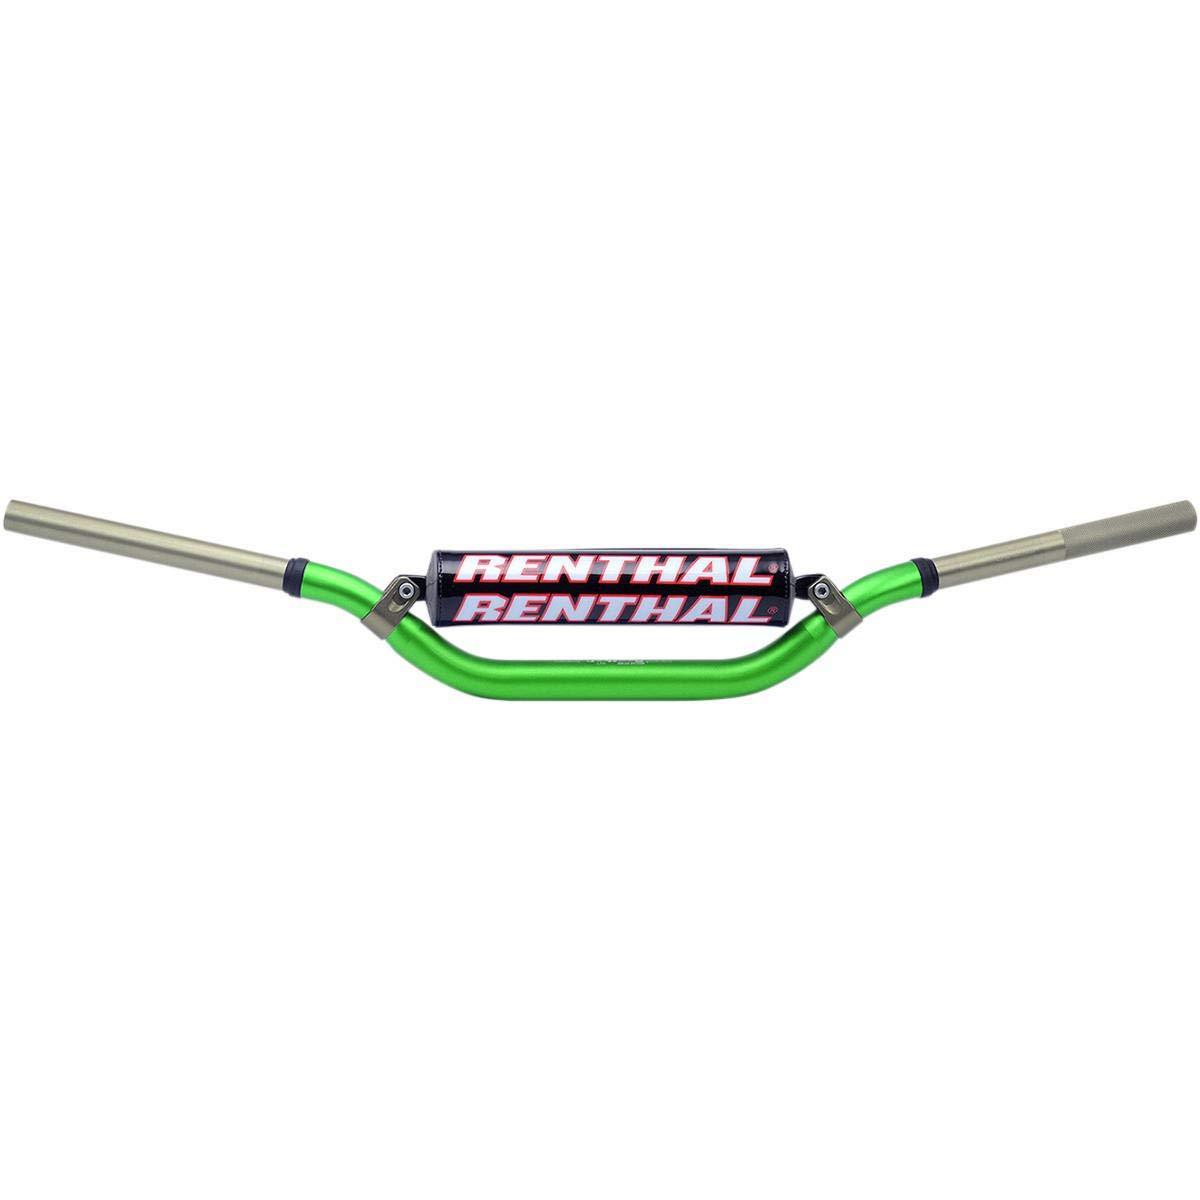 Renthal manubrio twinwall 997 verde taglia 28, 6 mm 997-01-GN-02-185